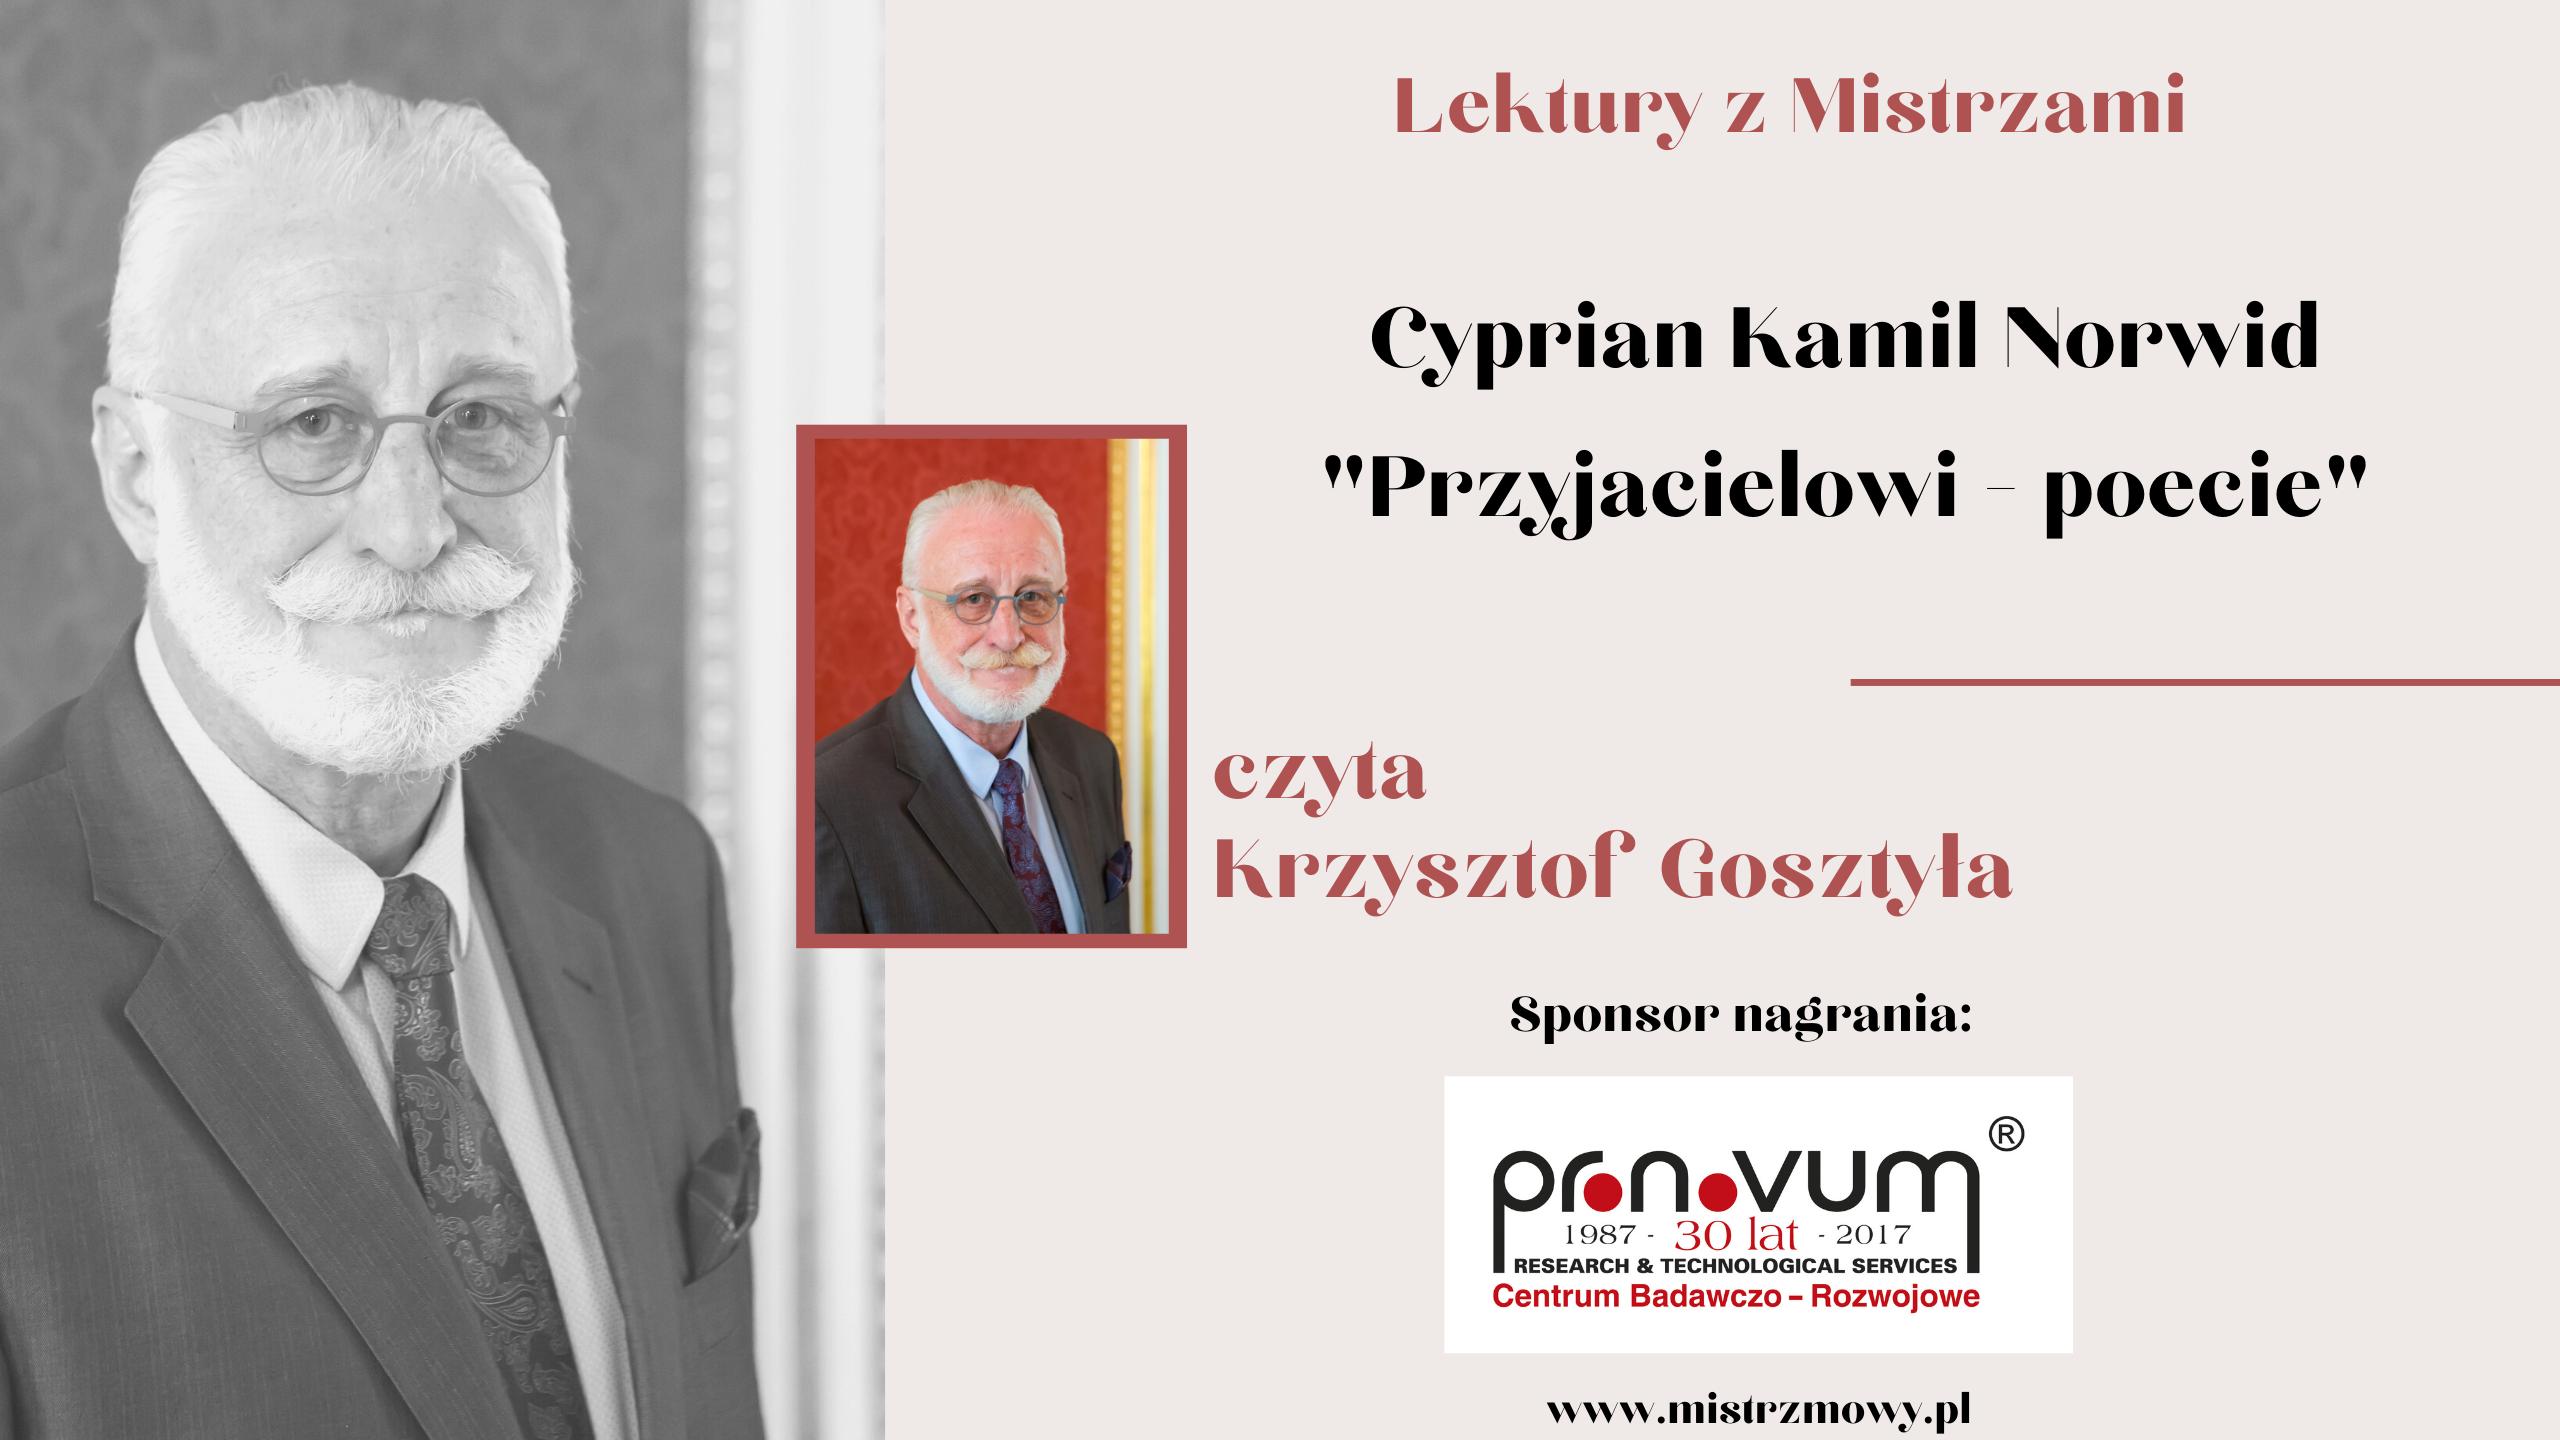 Cyprian Kamil Norwid - Przyjacielowi poecie